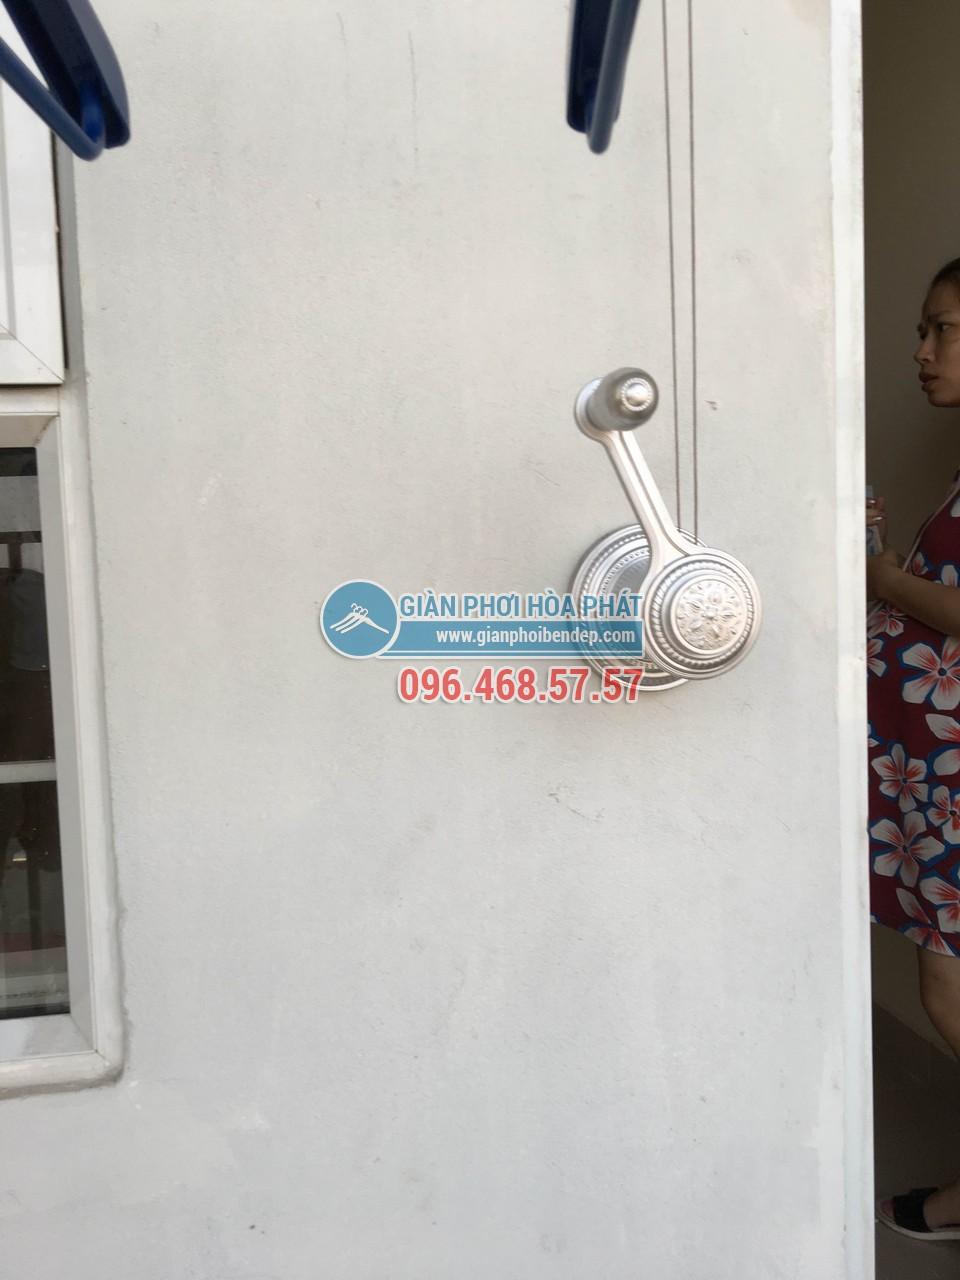 """Giàn phơi thông minh Hòa Phát Star HP950- sản phẩm giàn phơi đang """"đắt khách"""" nhất Hà Nội 01"""